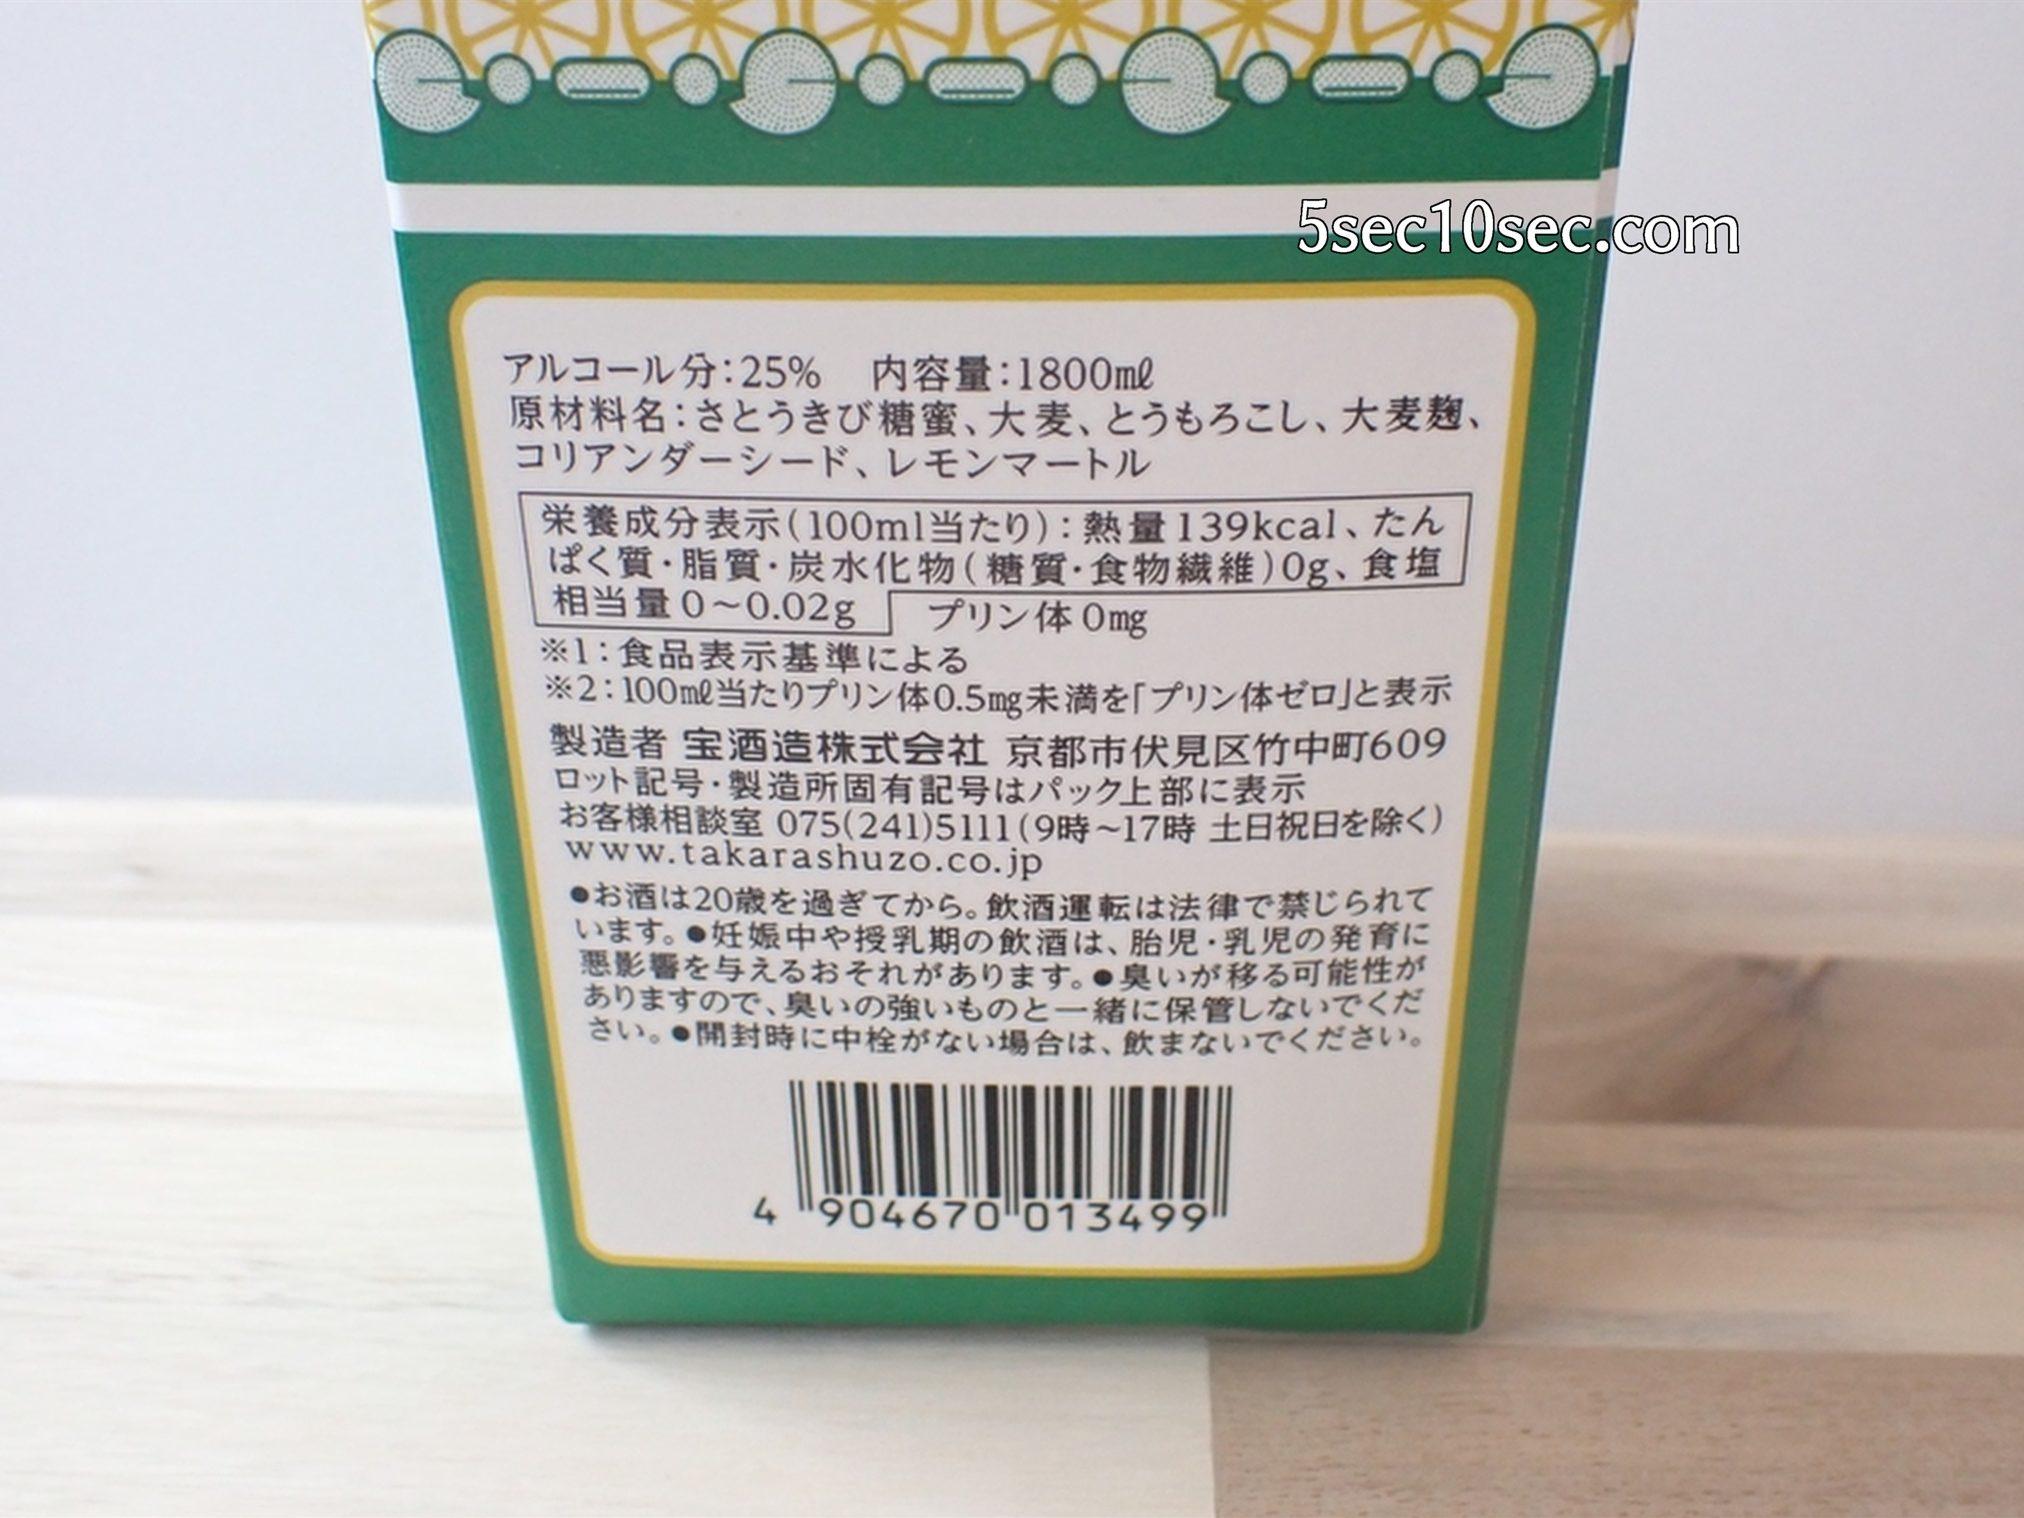 宝酒造 こだわりのレモンサワー用 宝焼酎 アルコール分25%、25度の甲類焼酎、原材料名